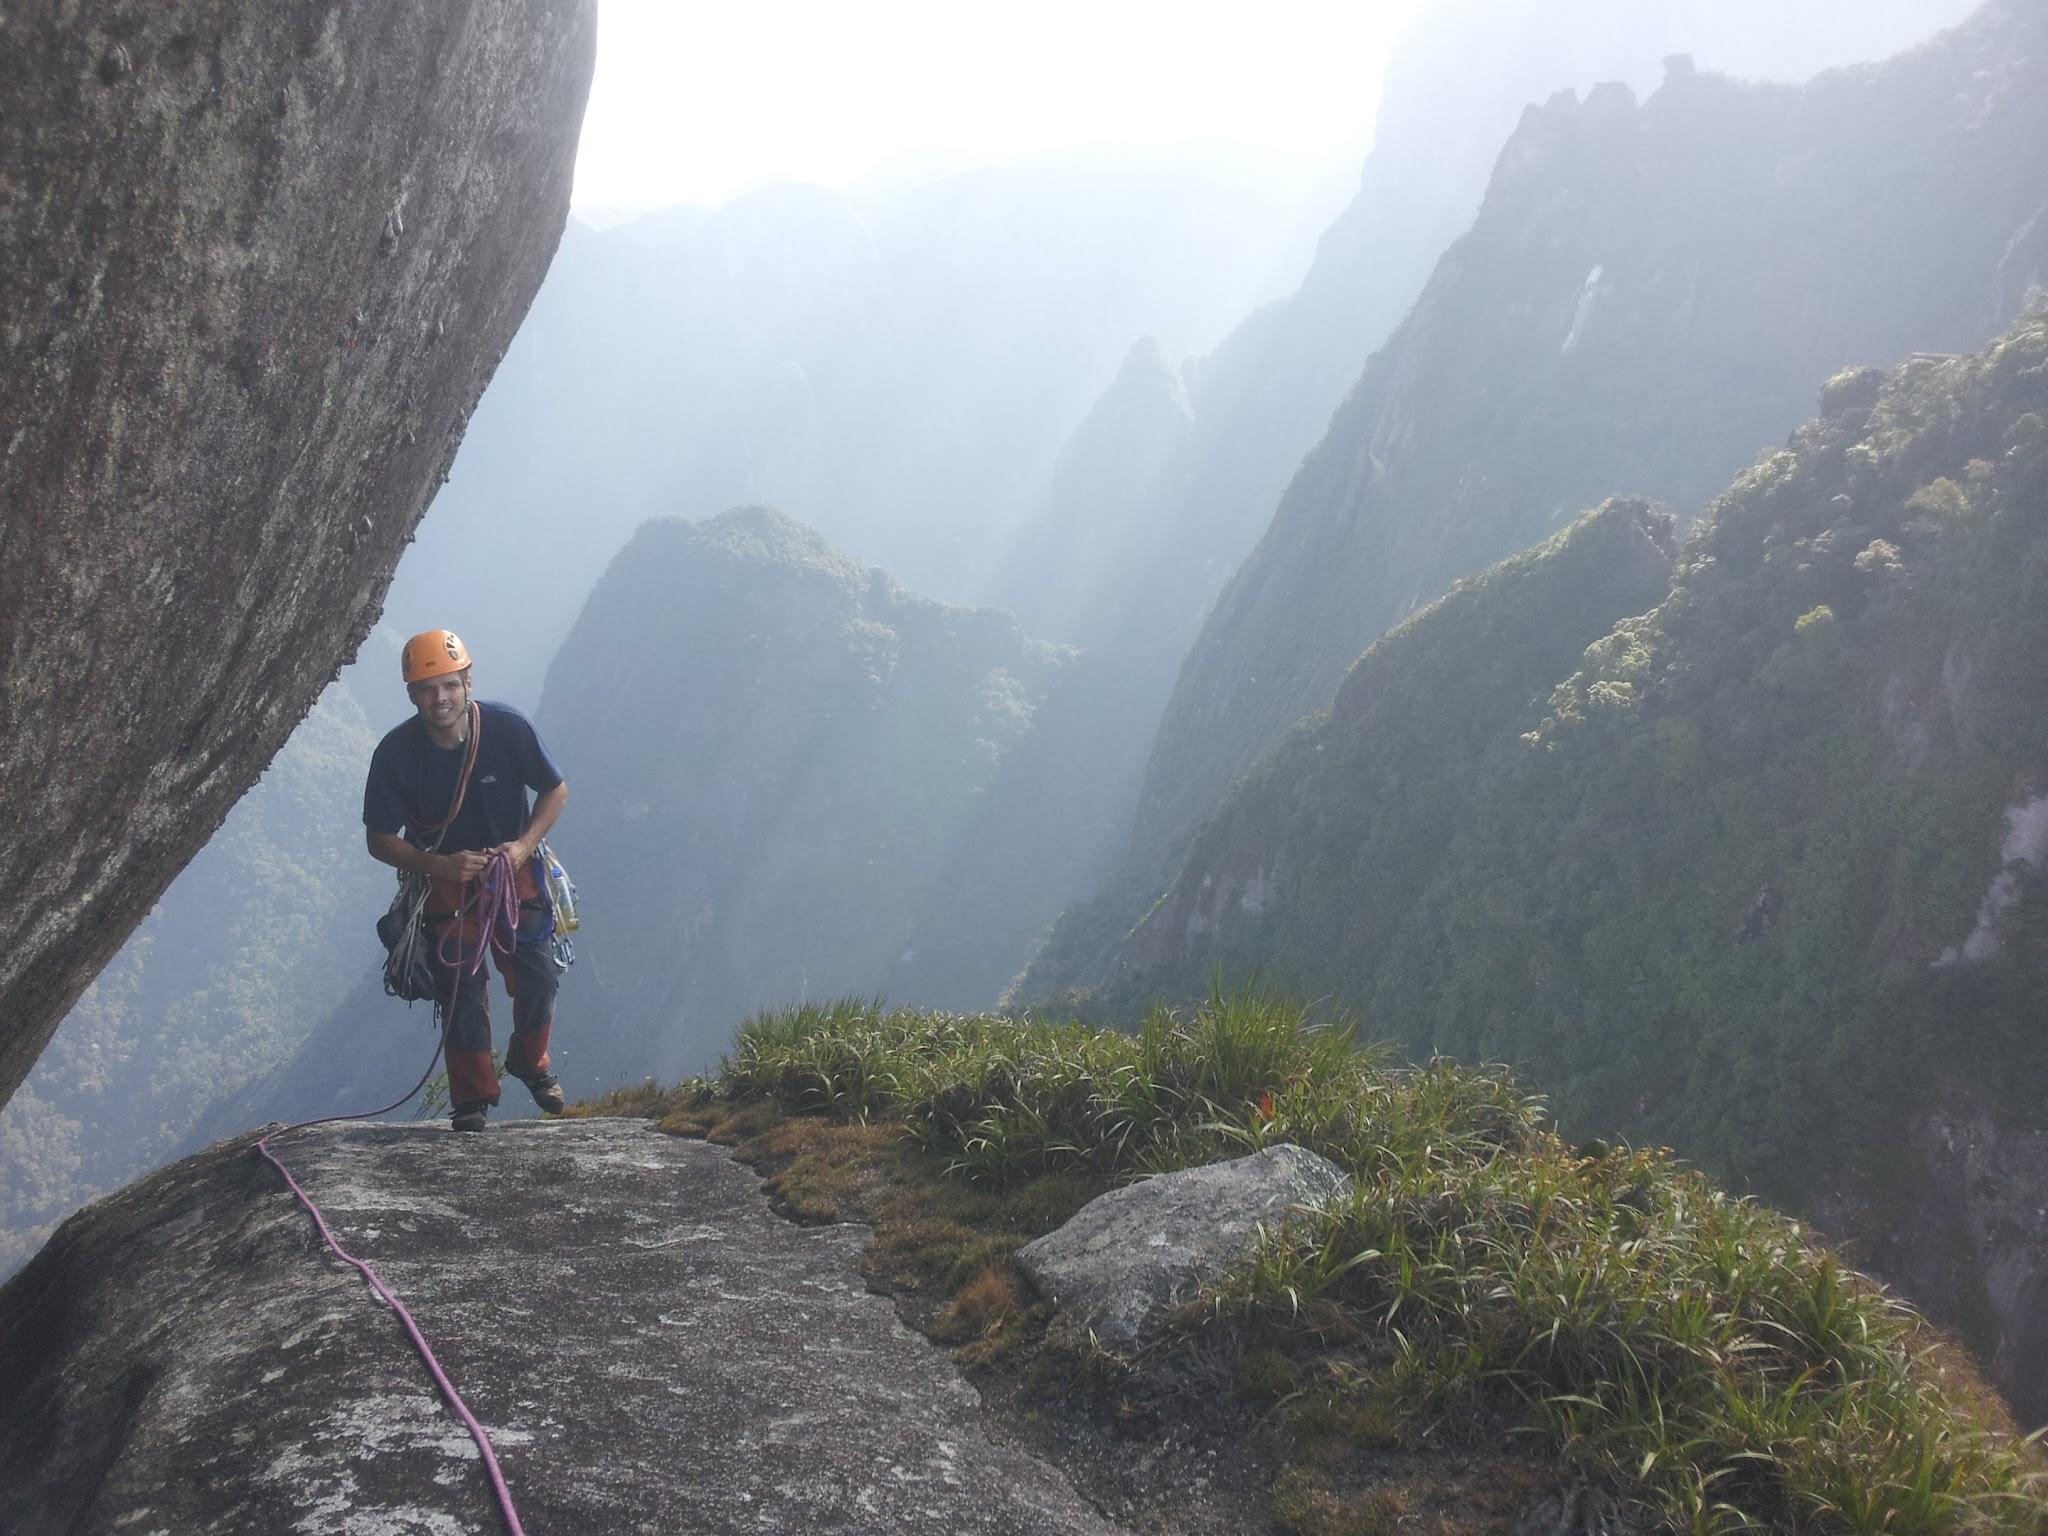 Platô da escada de acesso ao cume